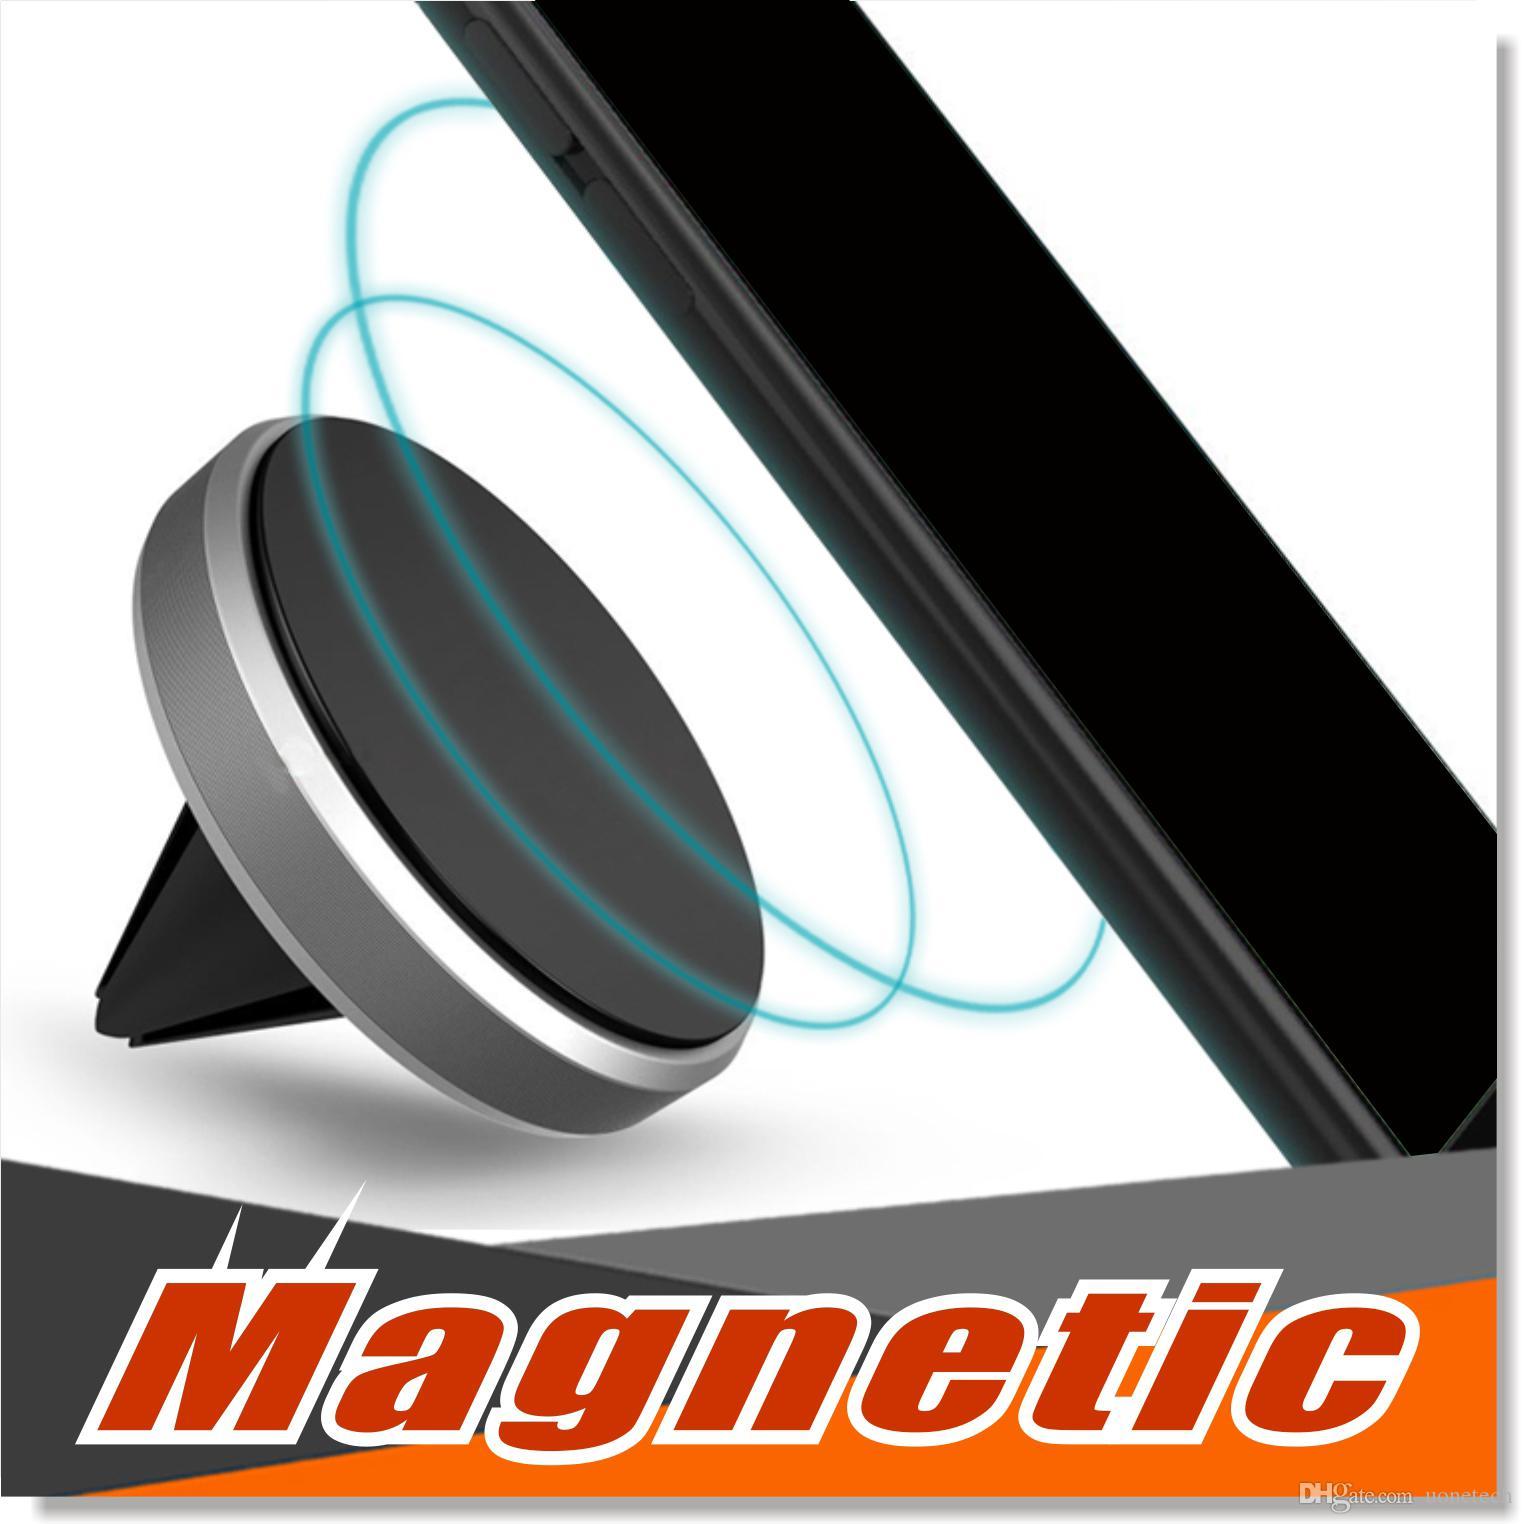 Car Mount Air Vent Magnetische Universal-Auto-Halterung Handy-Halter für iPhone 7 Plus One Step Montage Verstärkter Magnet Einfachere Fahren sicherer